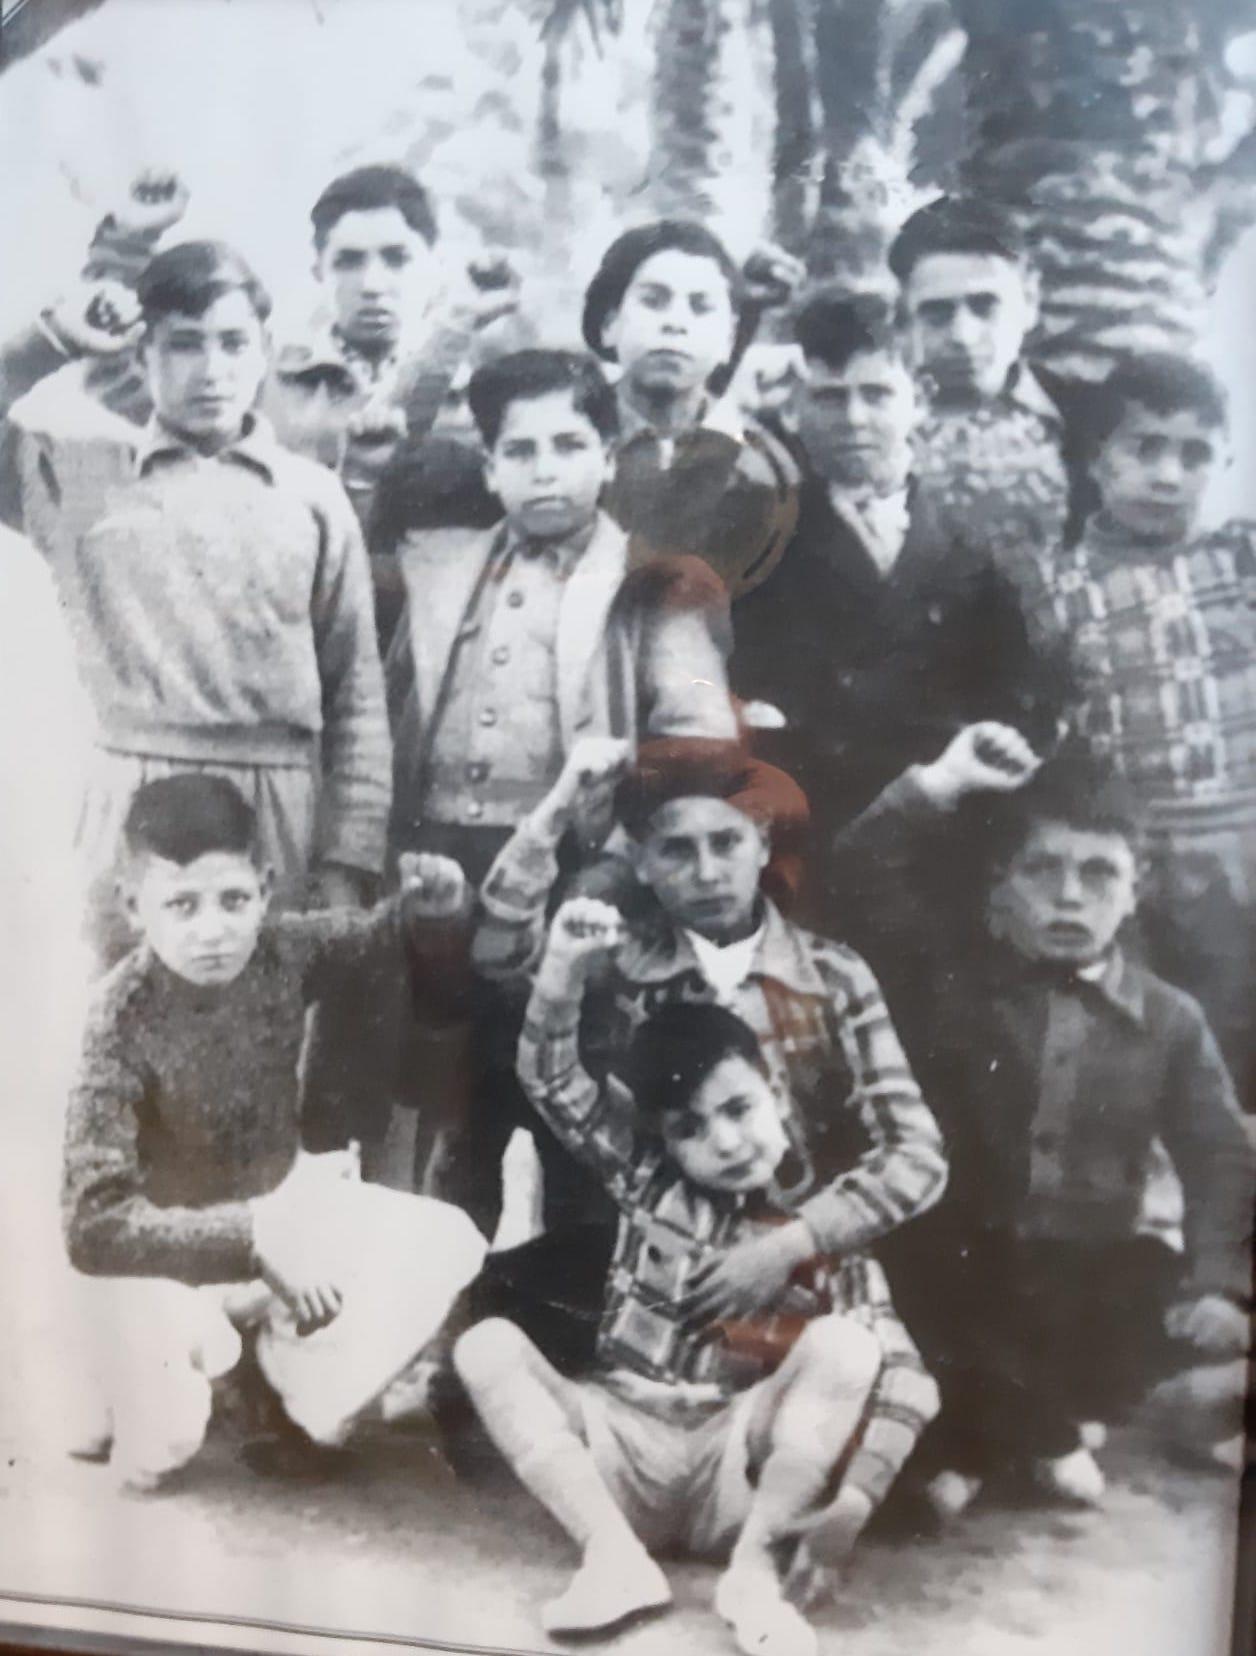 La Malvarrosa, Valencia, 1937. Grupo de Novelda antes de embarcar. Vicente Navarro Navarro es el primero en cuclillas por la izquierda, junto a su hermano Francisco, arriba del todo, por la izquierda, en tercera fila..